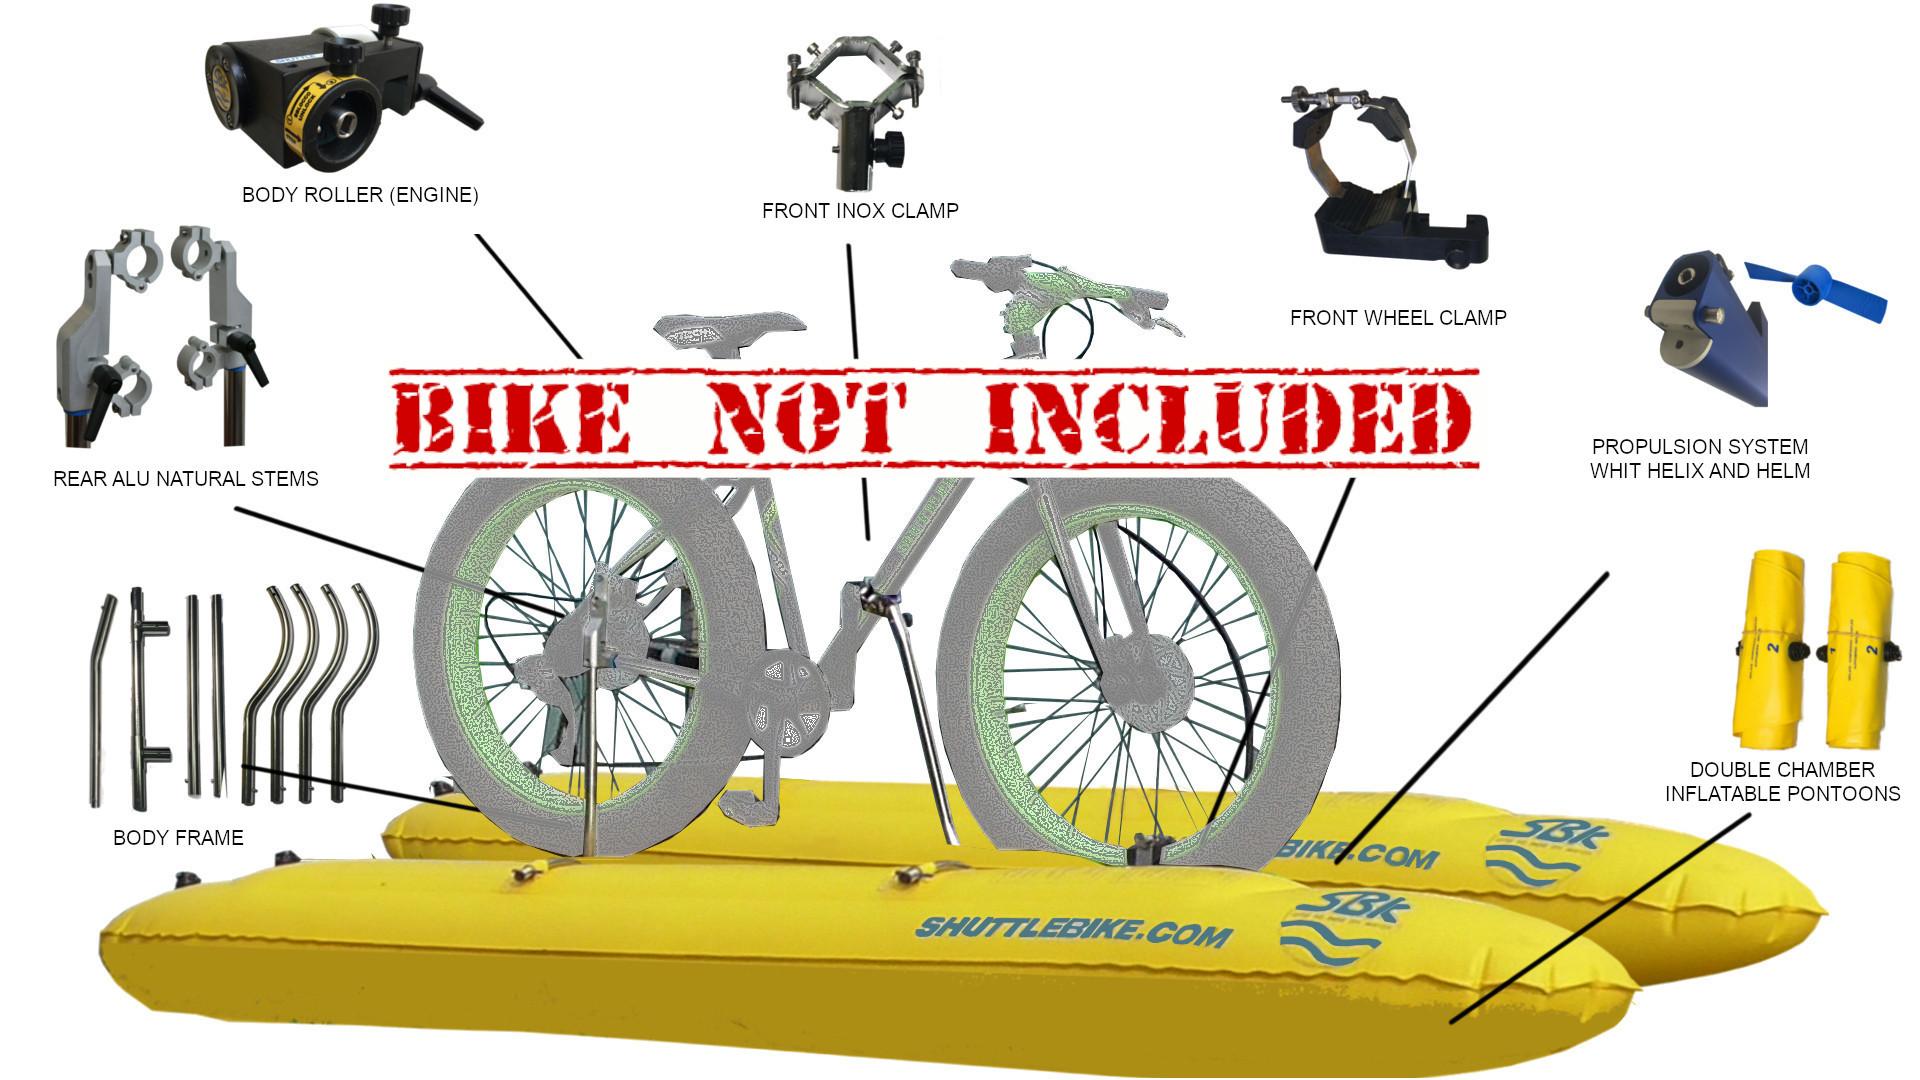 Shuttlebike Evo 2 0 Kit For Fat Bike 26 Shuttle Bike Kit